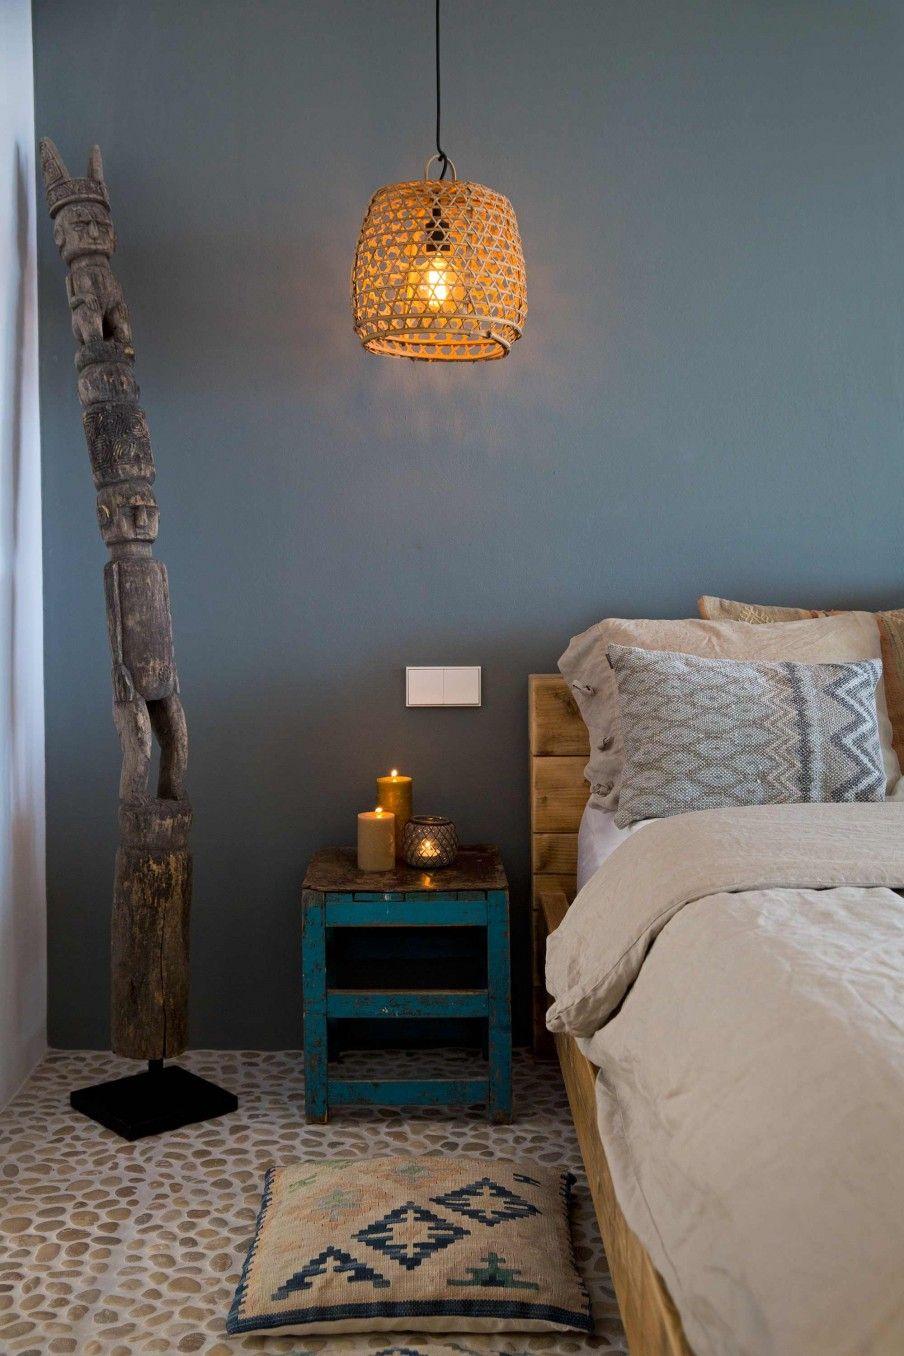 Blauwe muur in slaapkamer Ibiza  Bedroom with blue walls